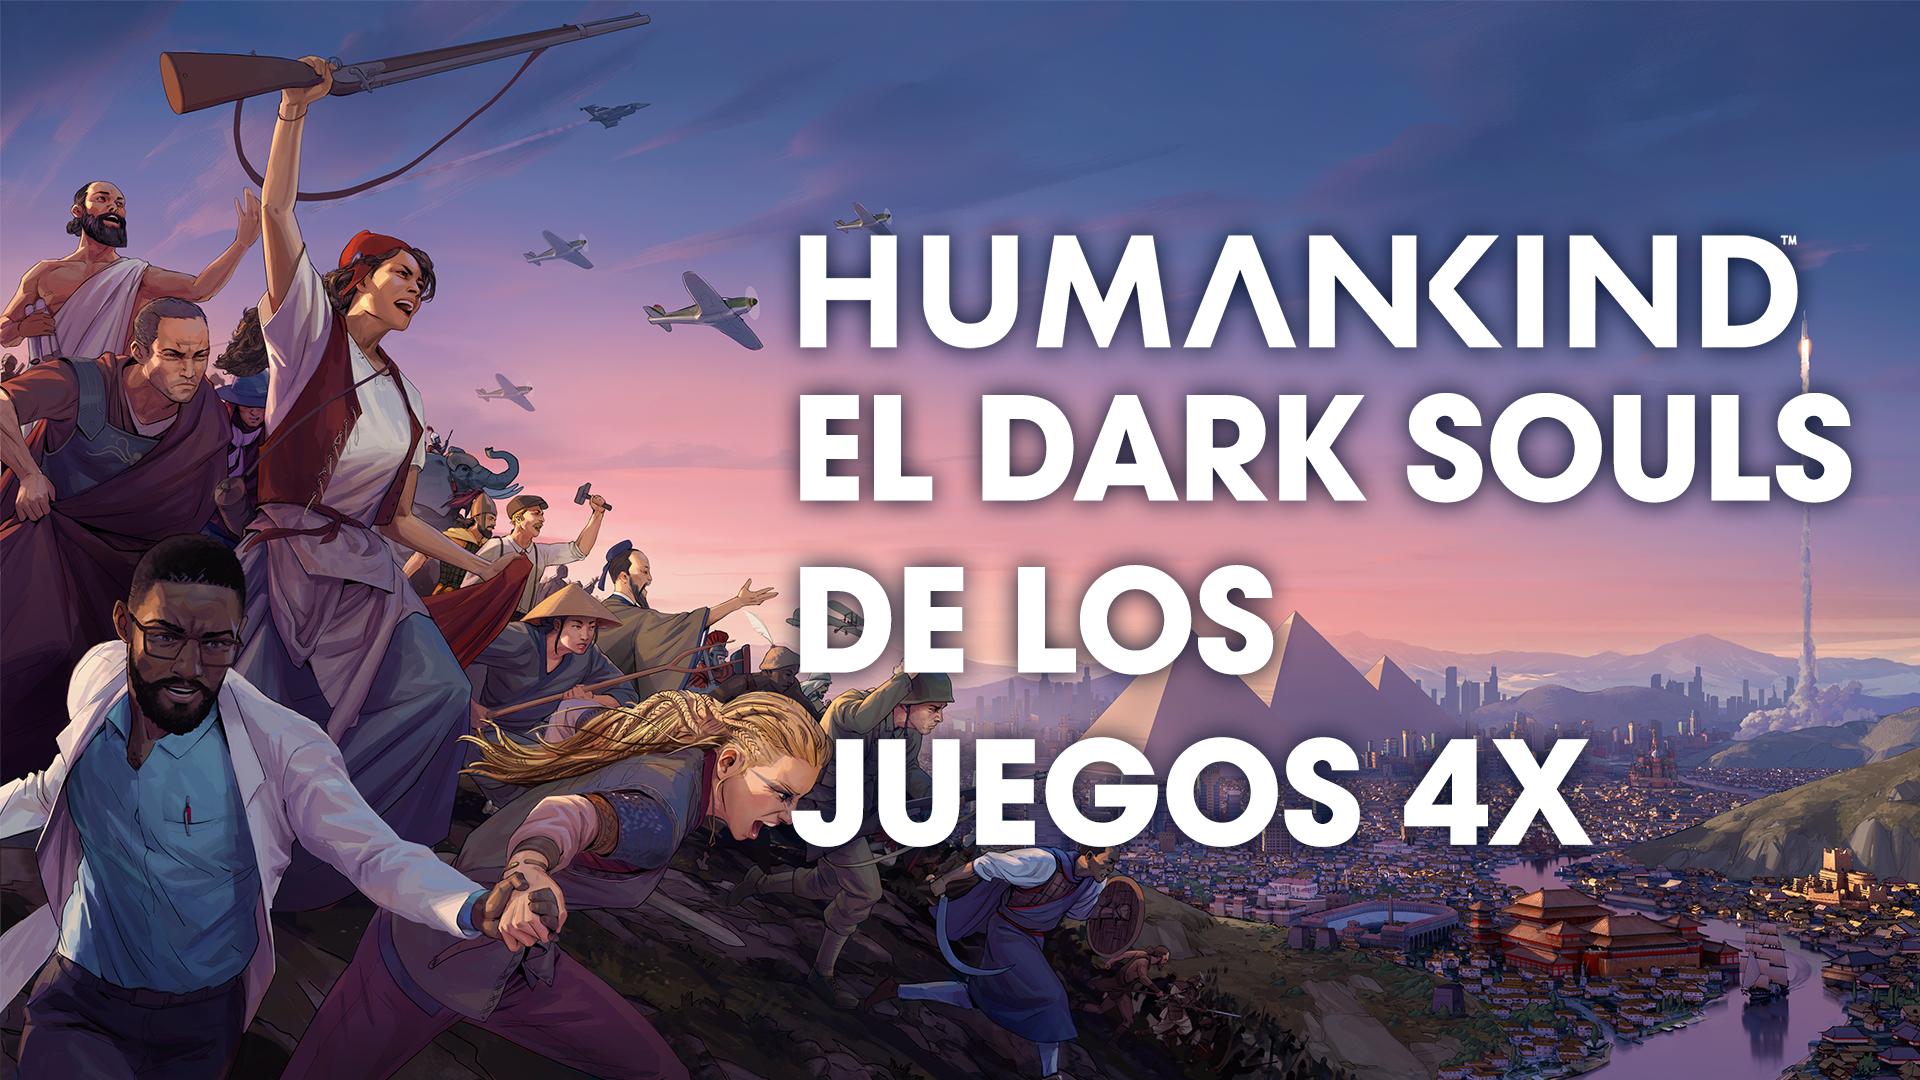 Humankind – El Dark Souls de los juegos 4X